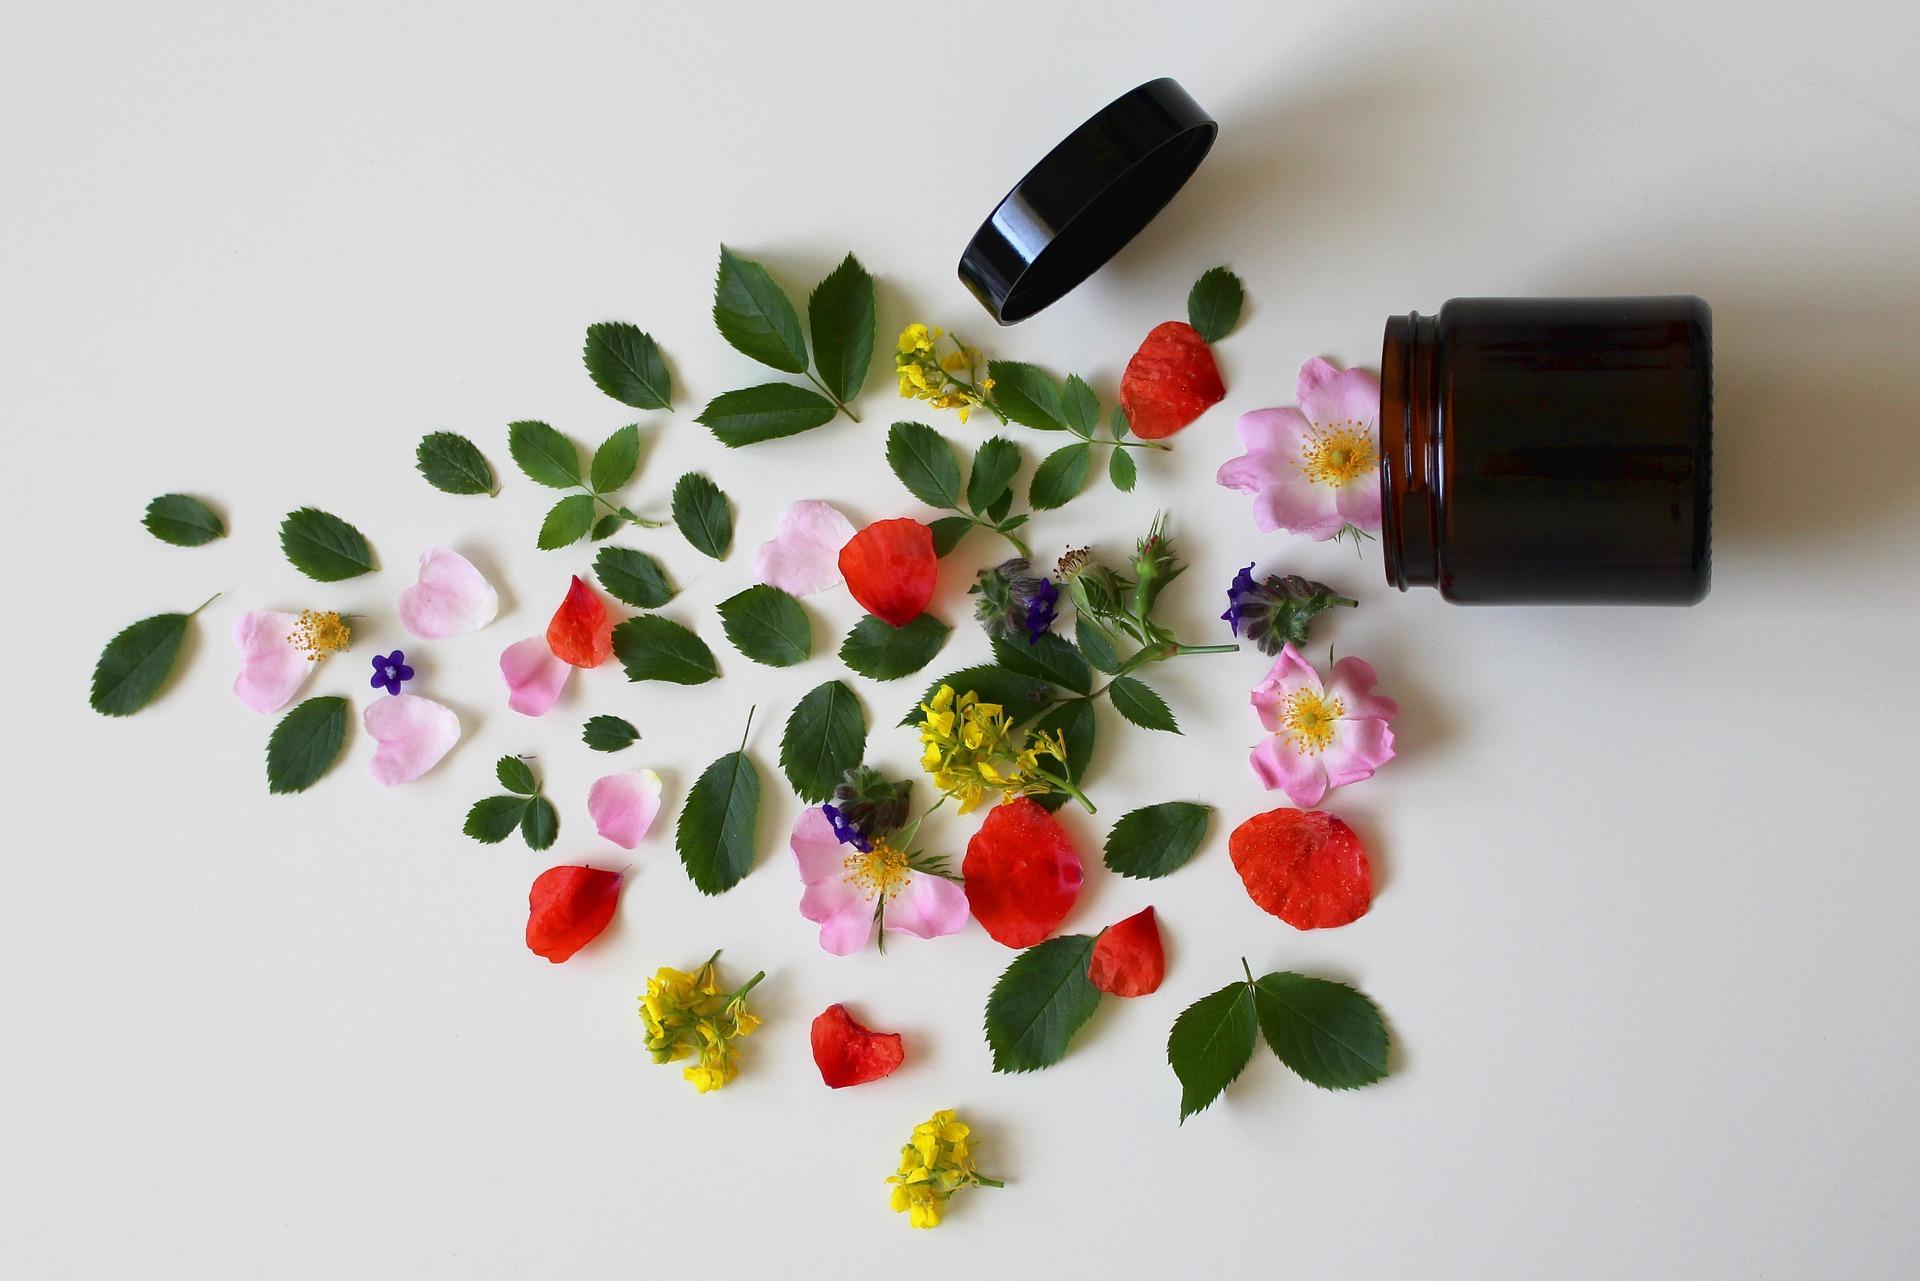 Atelier : Les fleurs de beauté et de santé le 23 août à 14h30